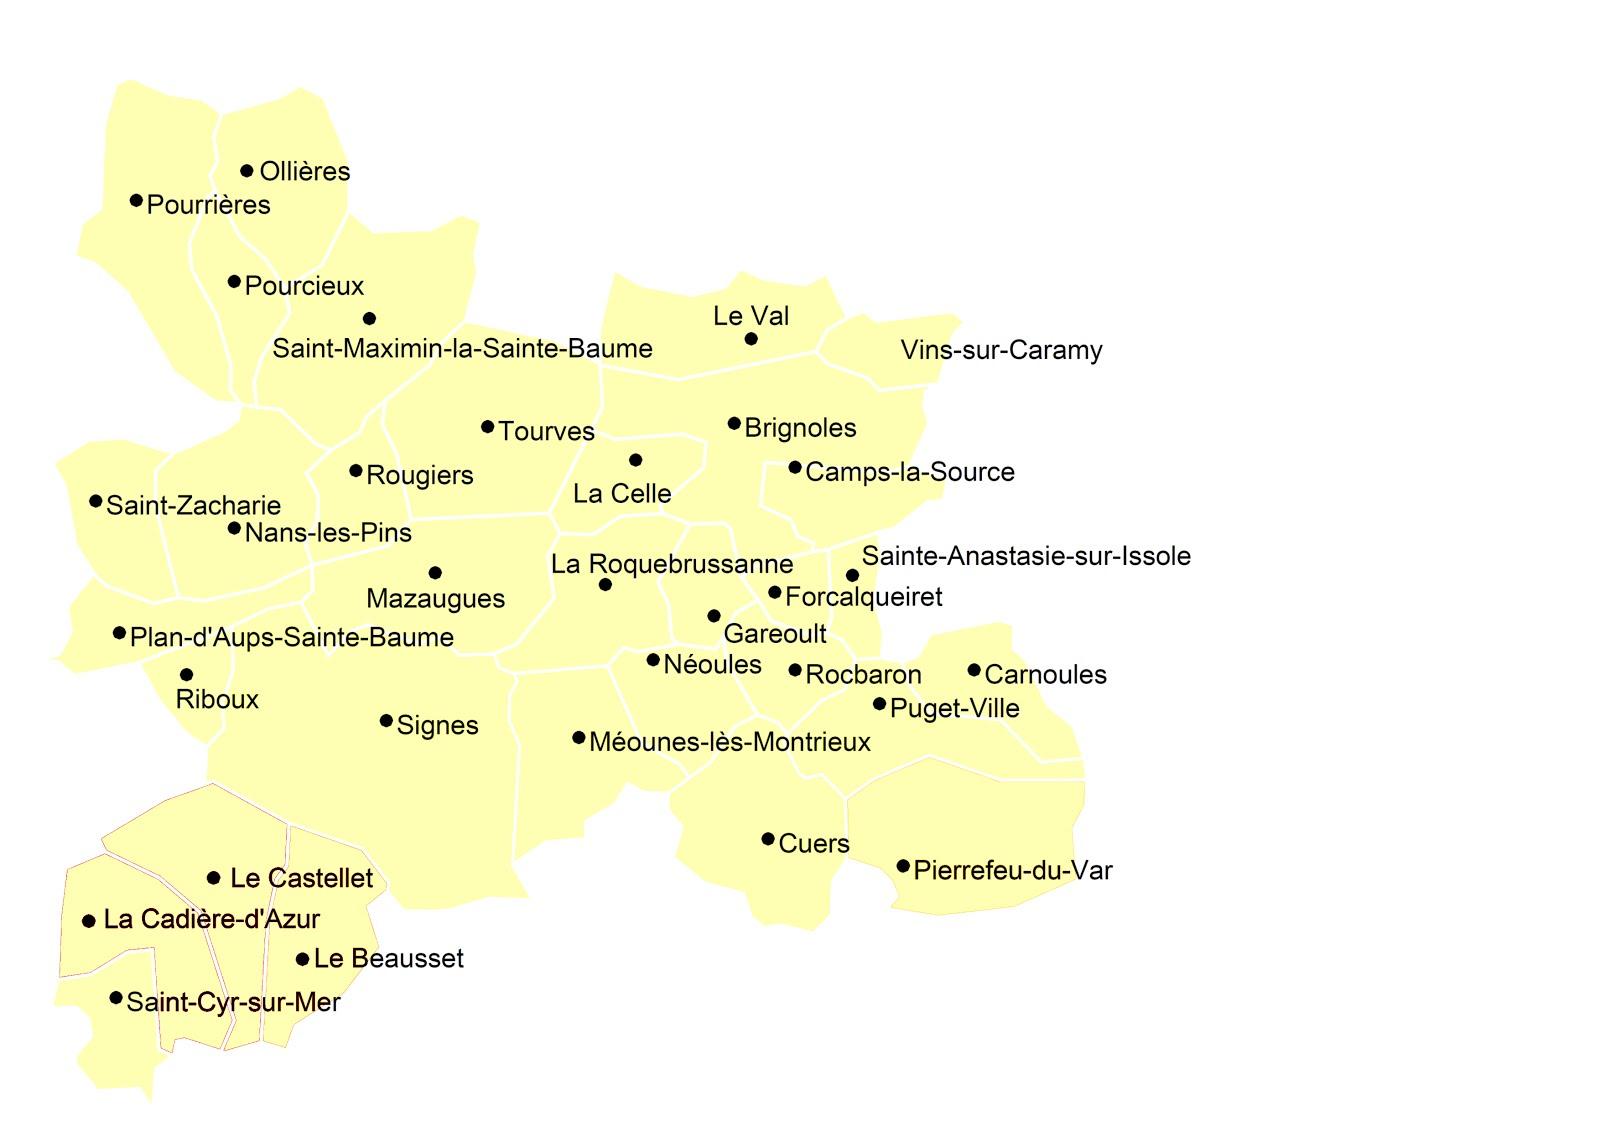 Les communes de la 6ème circonscription du Var